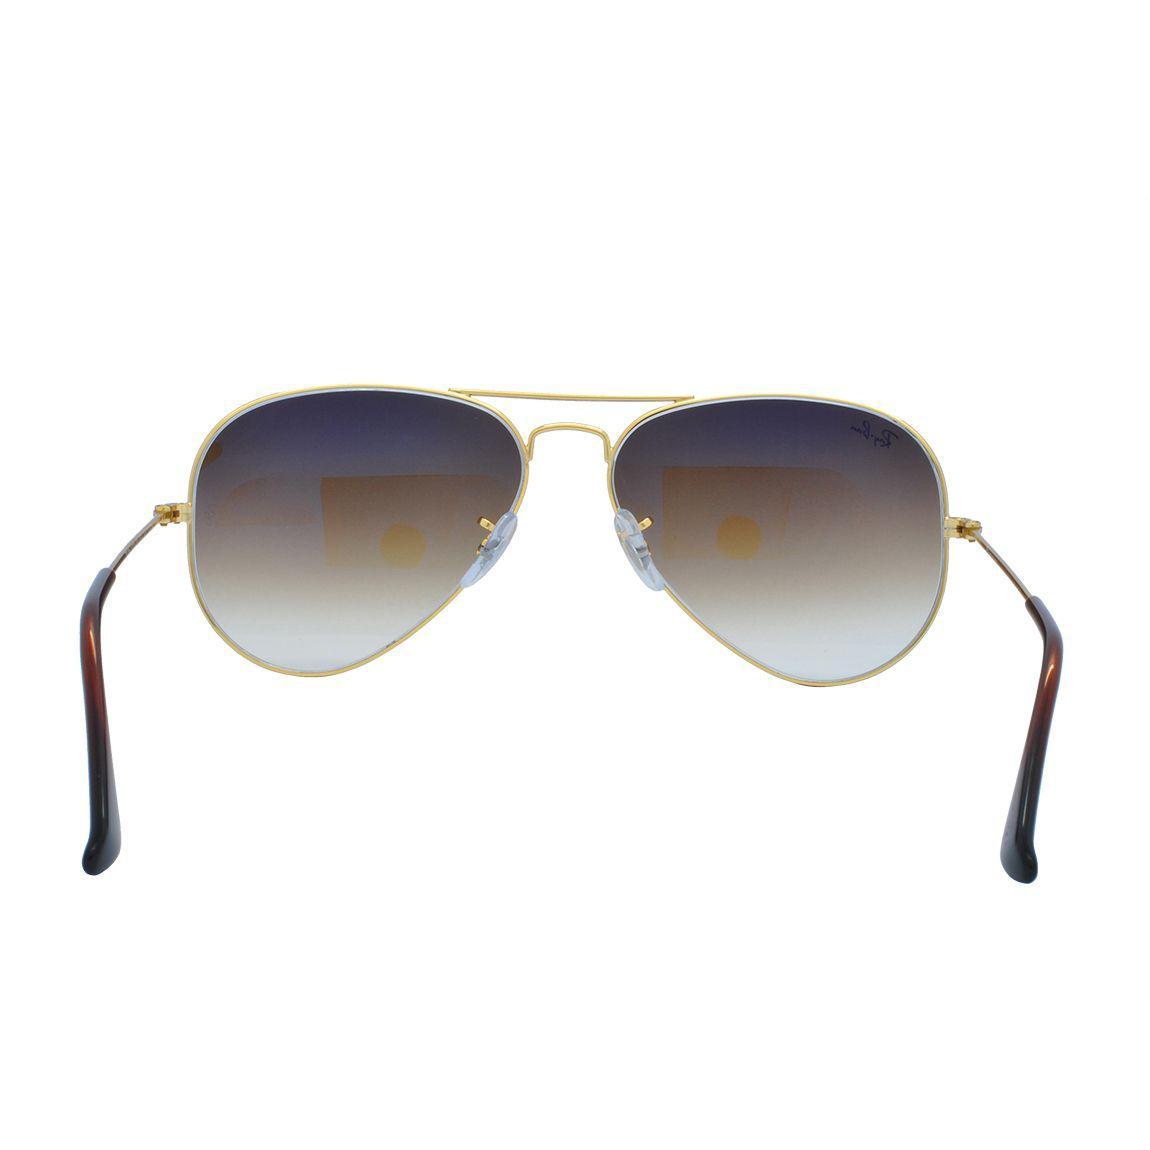 Óculos de Sol Ray Ban Feminino Aviador RB3025L C001 51 - Metal Dourado,  Lente Marrom Degradê R  559,00 à vista. Adicionar à sacola f5e33b0d98